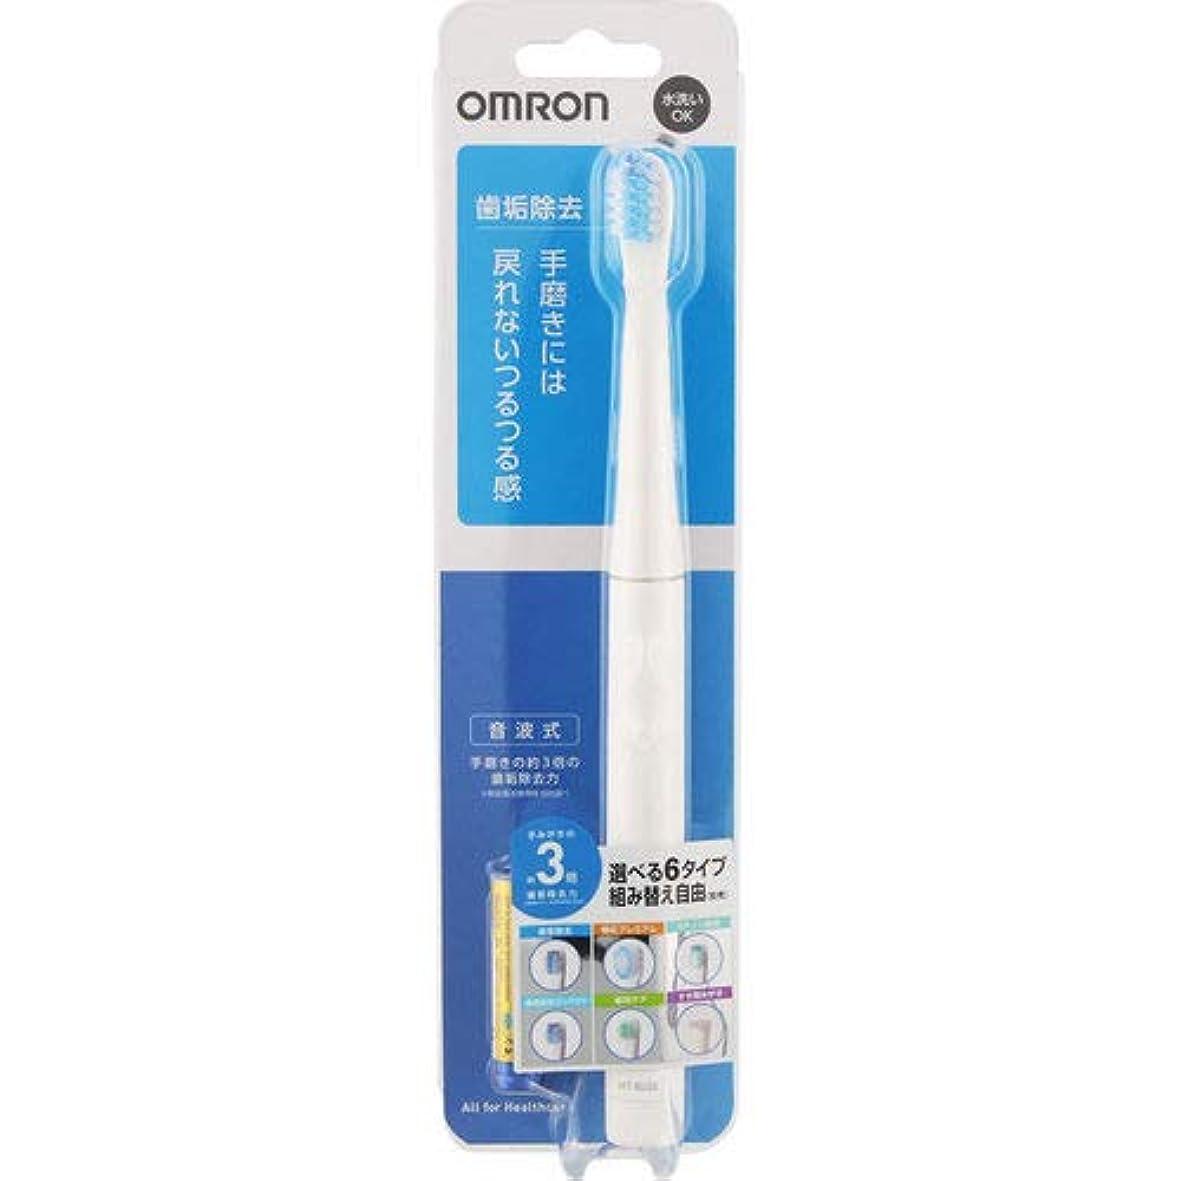 歩行者シチリア債務オムロン 電動歯ブラシ HT-B220-W ホワイト 電池式